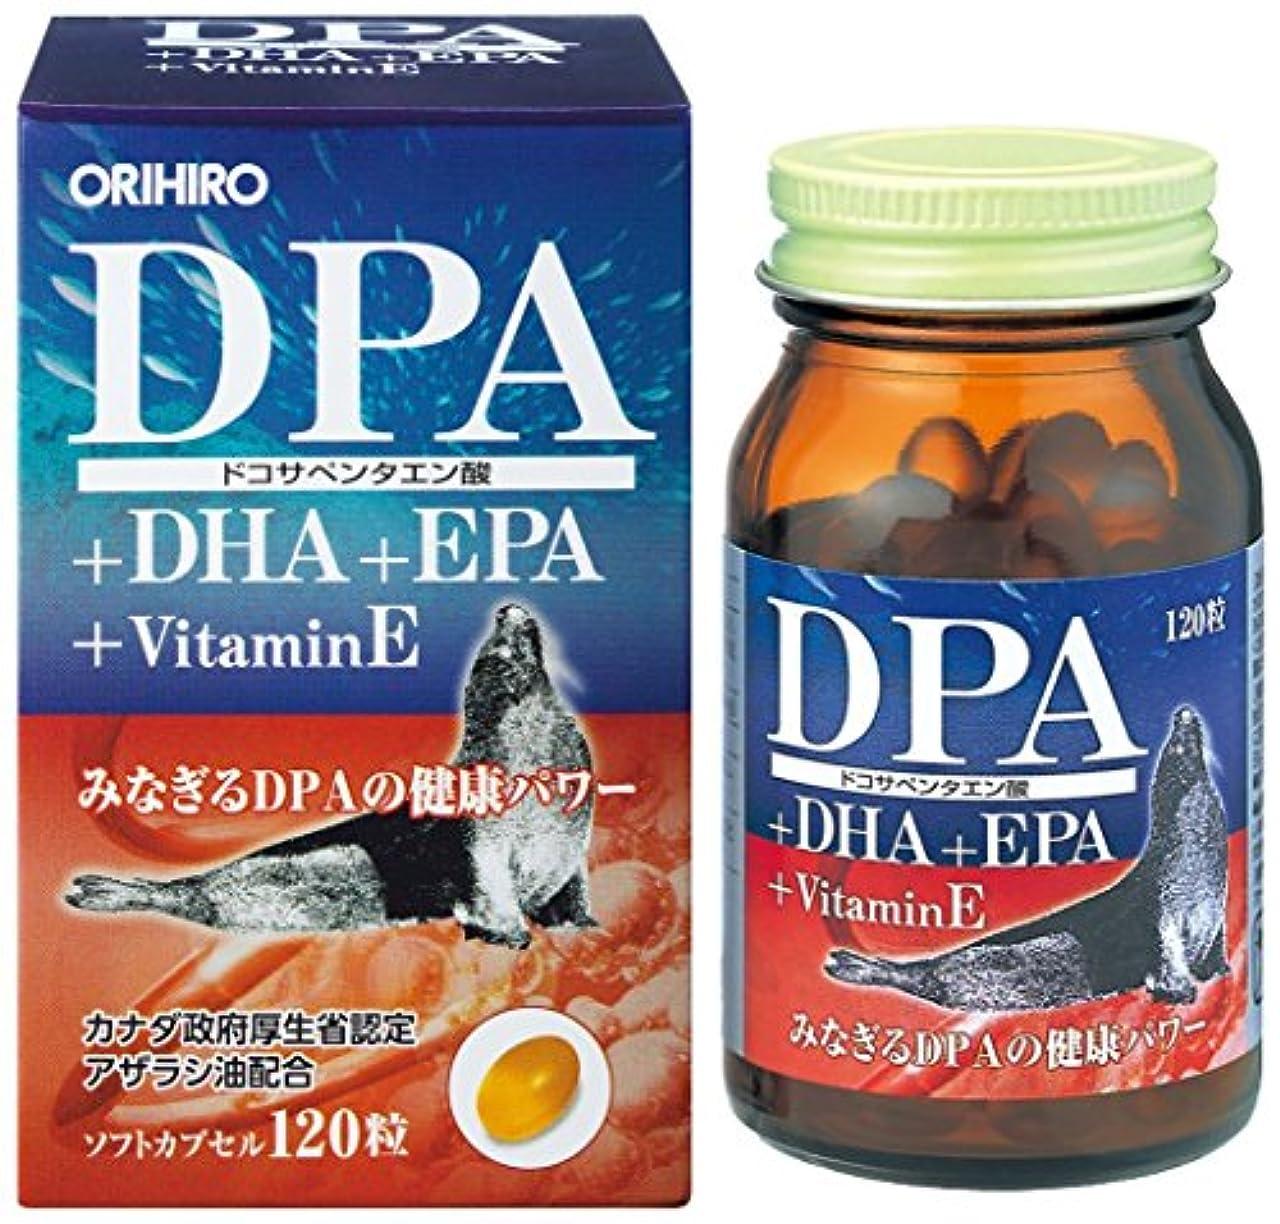 合成フェッチ芽オリヒロ DPA+EPAカプセル 120粒【3本セット】